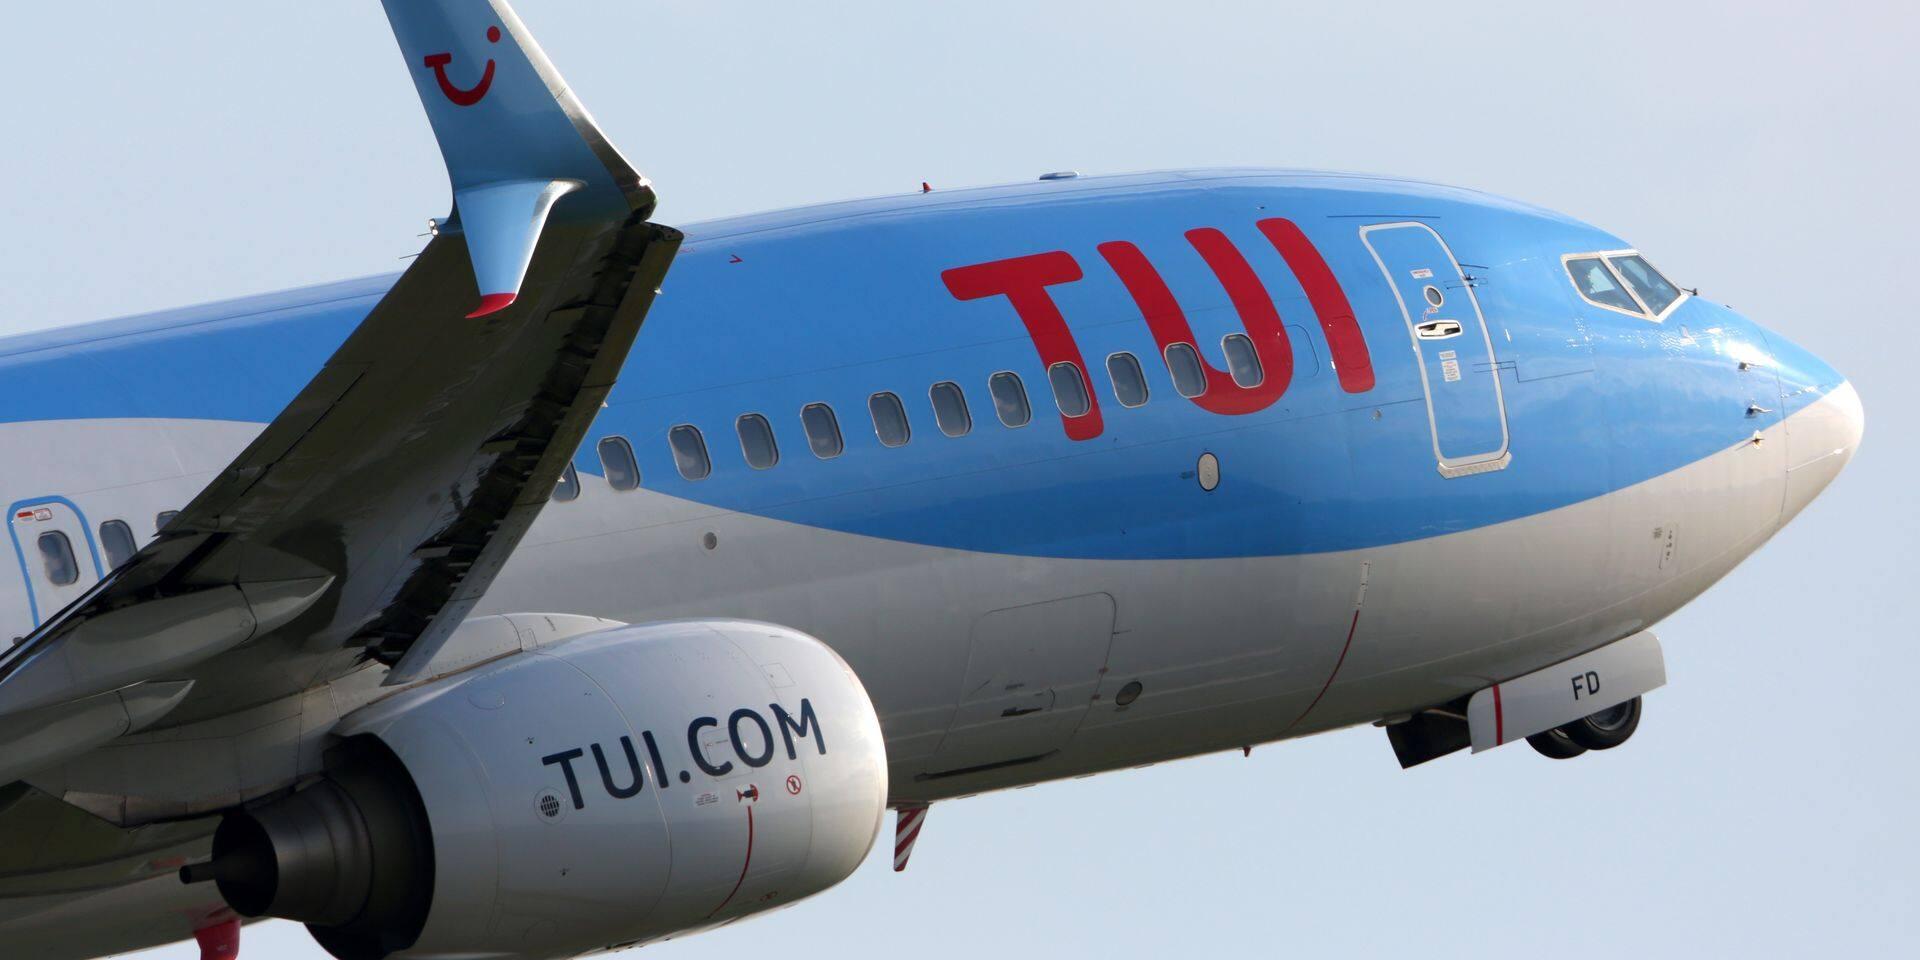 Schiphol,,Amsterdam,,Netherlands,-,April,4,,2016:,Boeing,737-8k5(wl),Ph-tfd